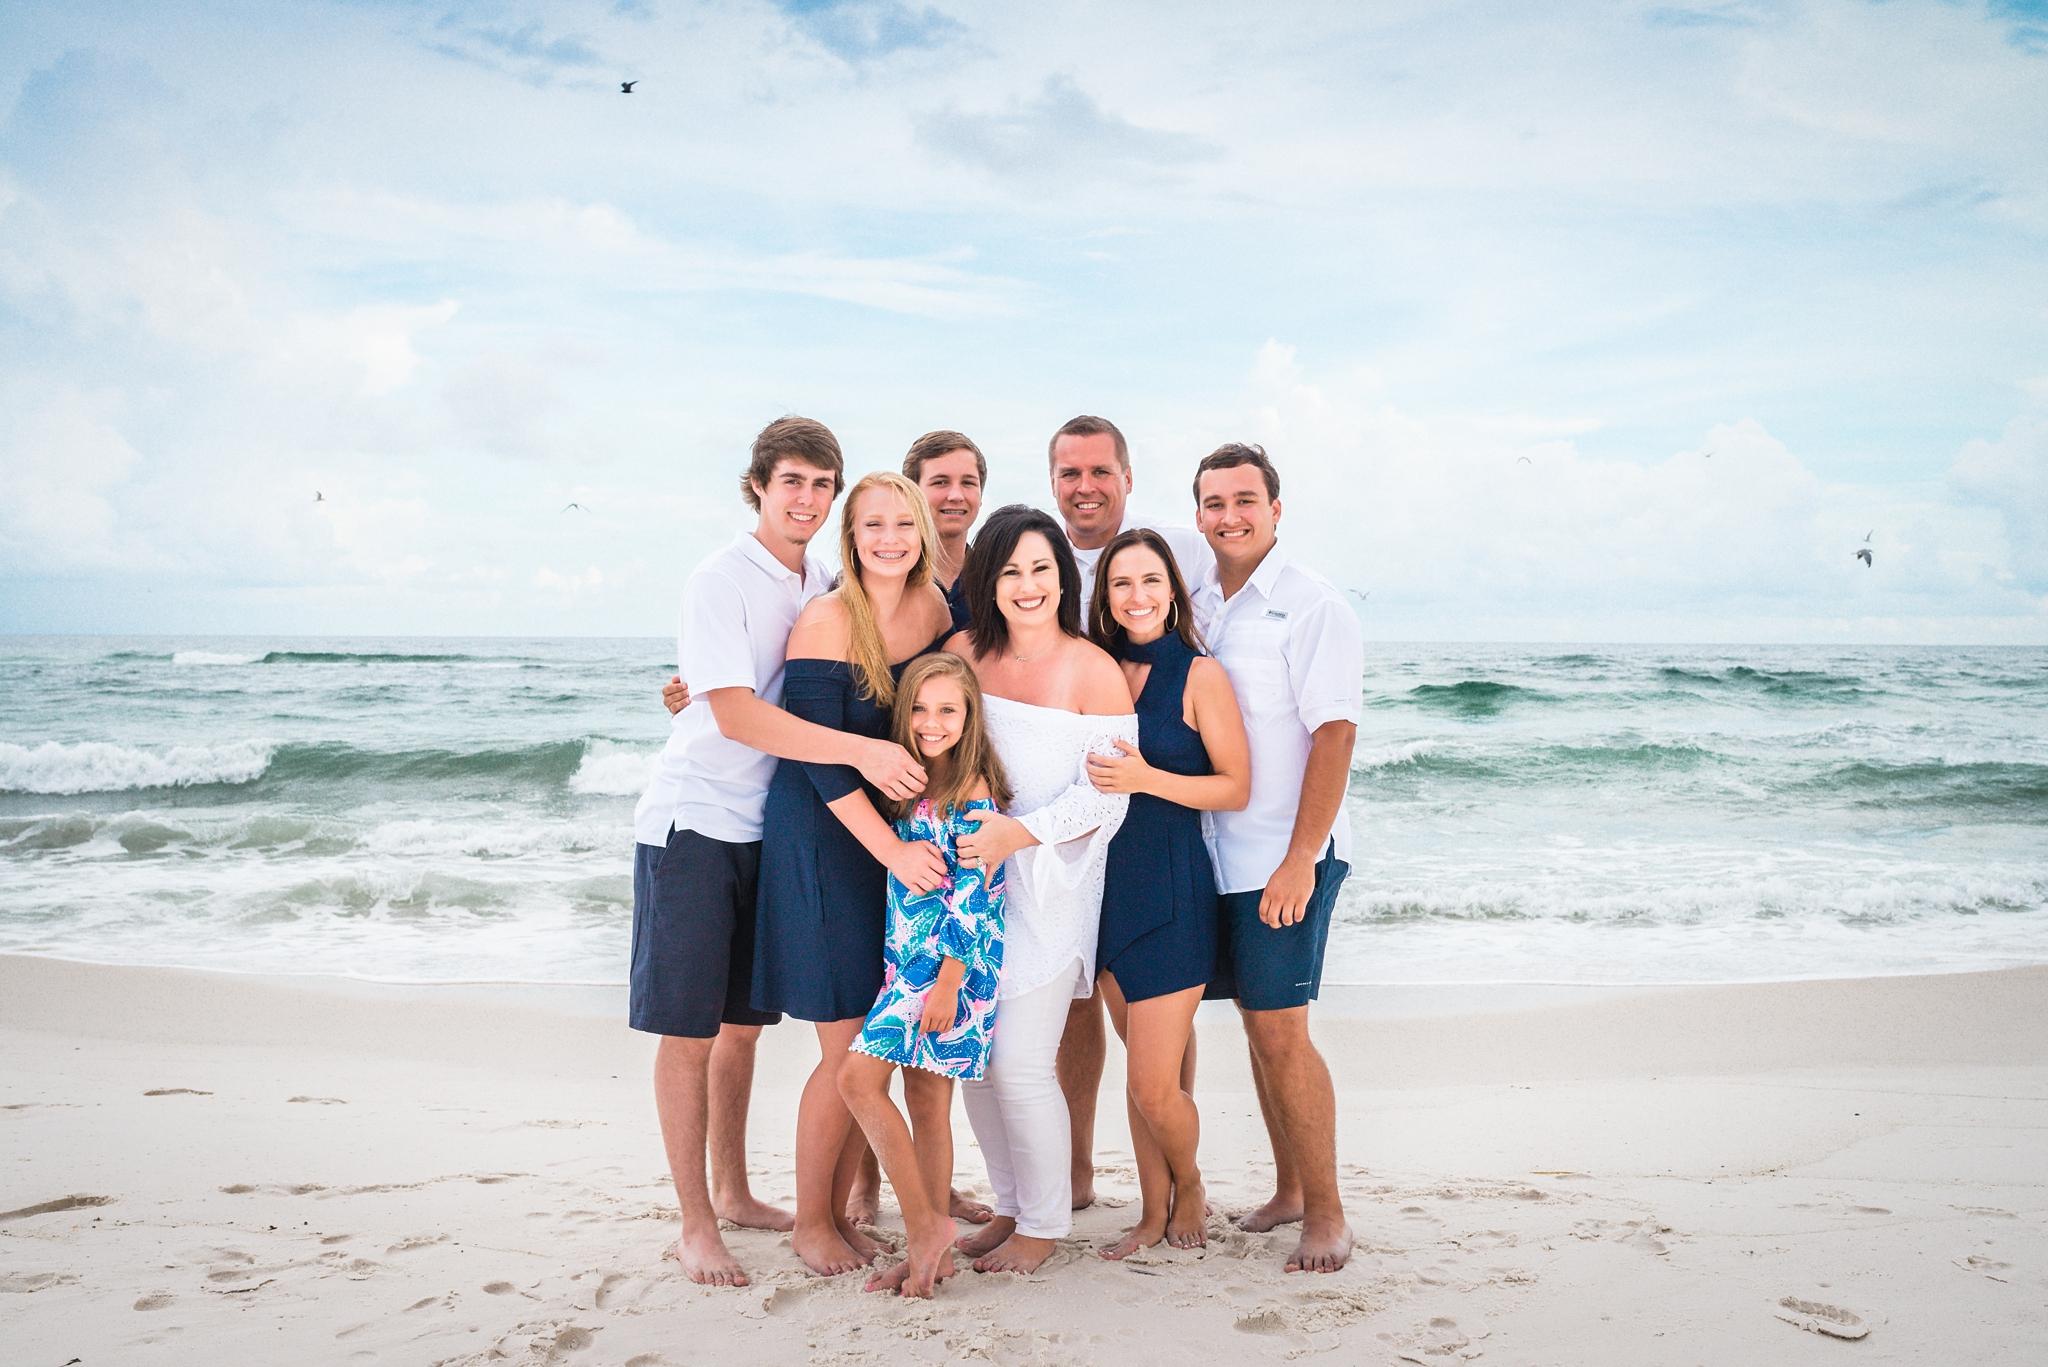 Family-beach-vacation